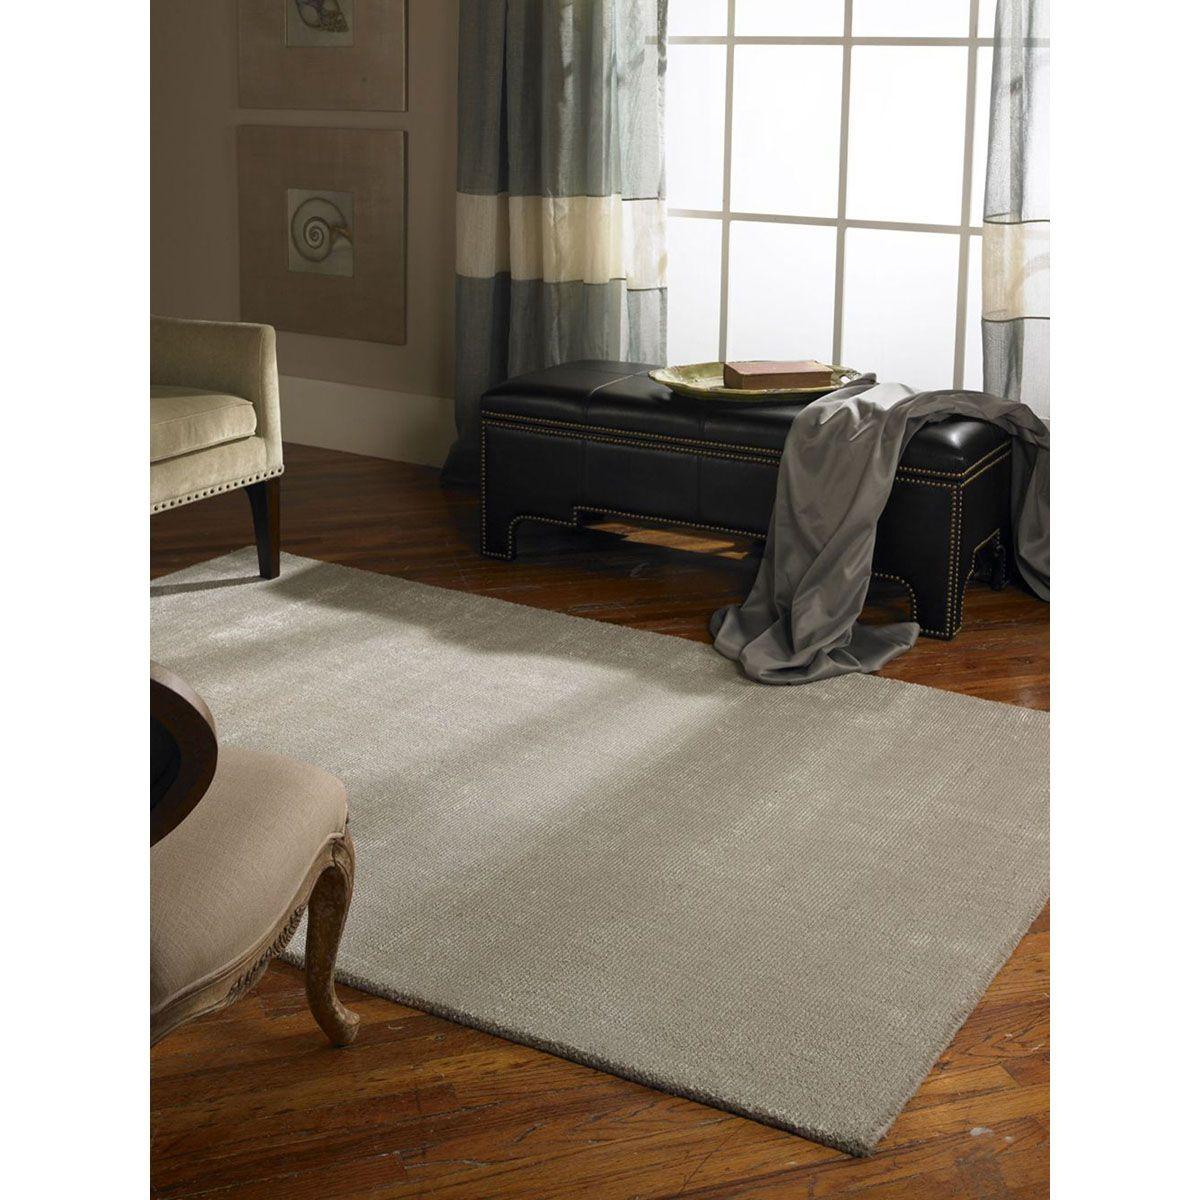 Uttermost Rhine Rug Silver 73036 Silver rug